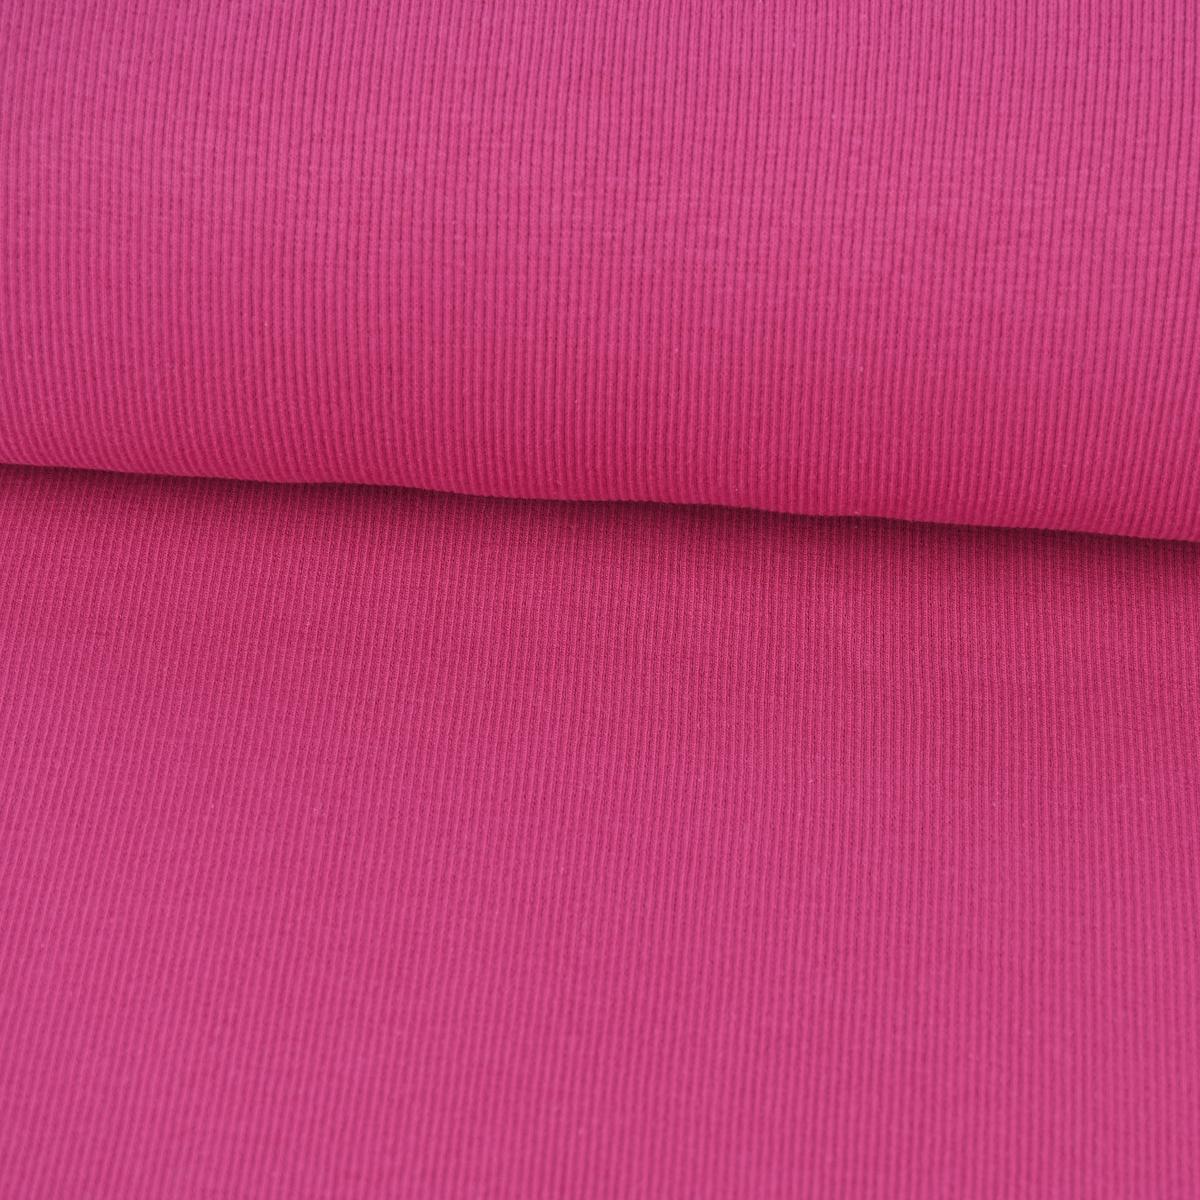 Kreativstoff Strickschlauch Bündchenstoff grob pink 27cm Breite